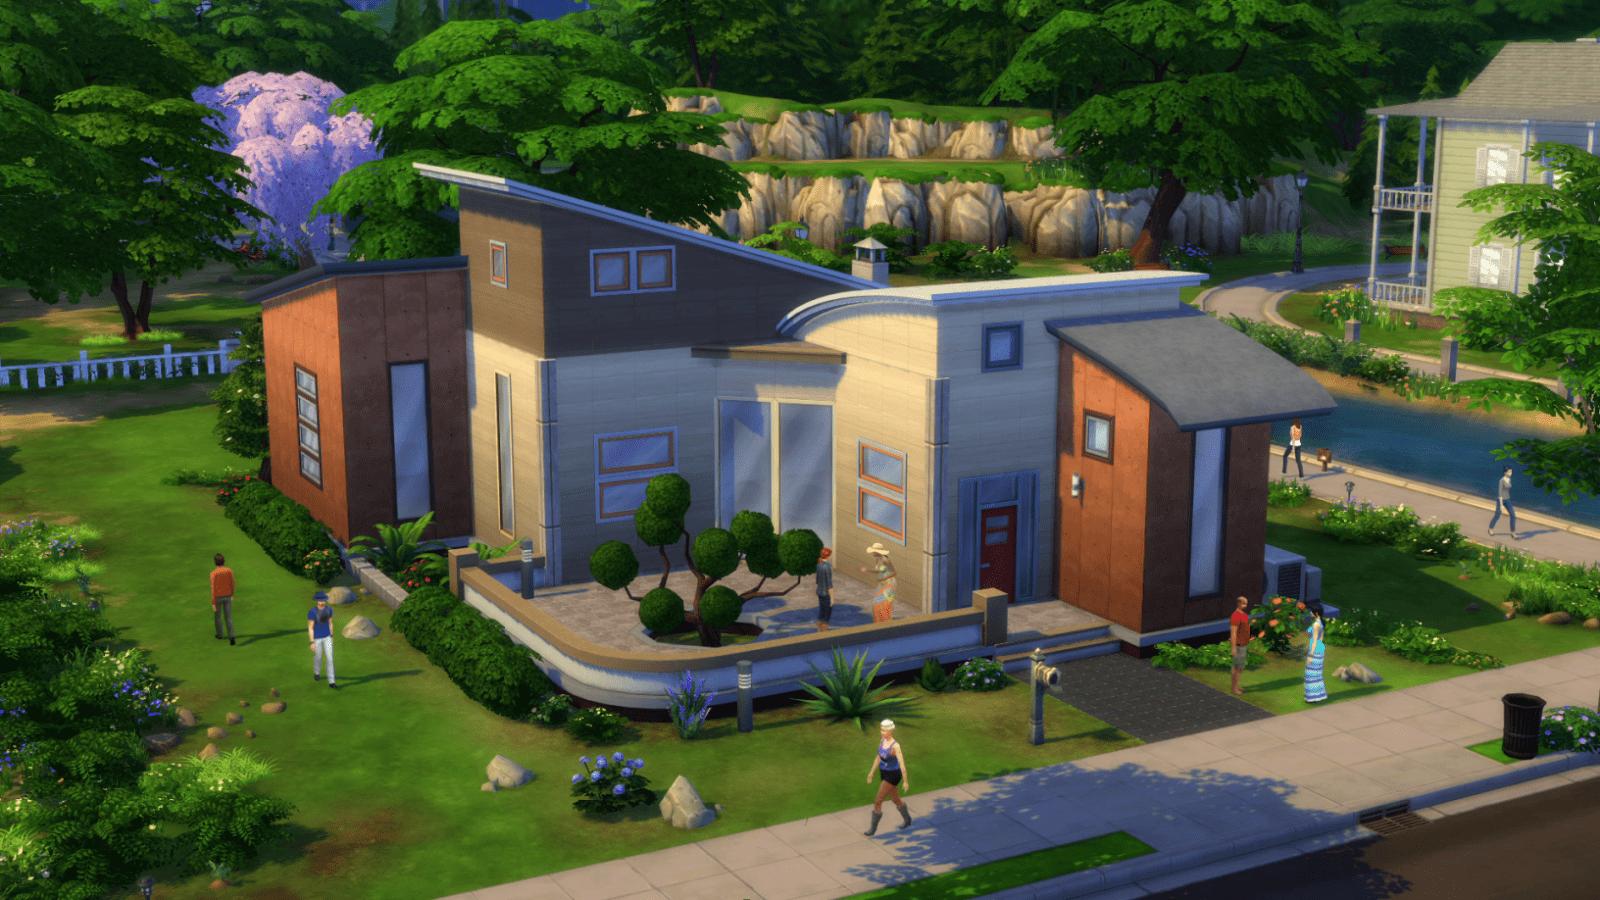 So Erstellt Ihr Einfach Traumhäuser In Sims 4  Gentv von Sims 4 Haus Bauen Bild